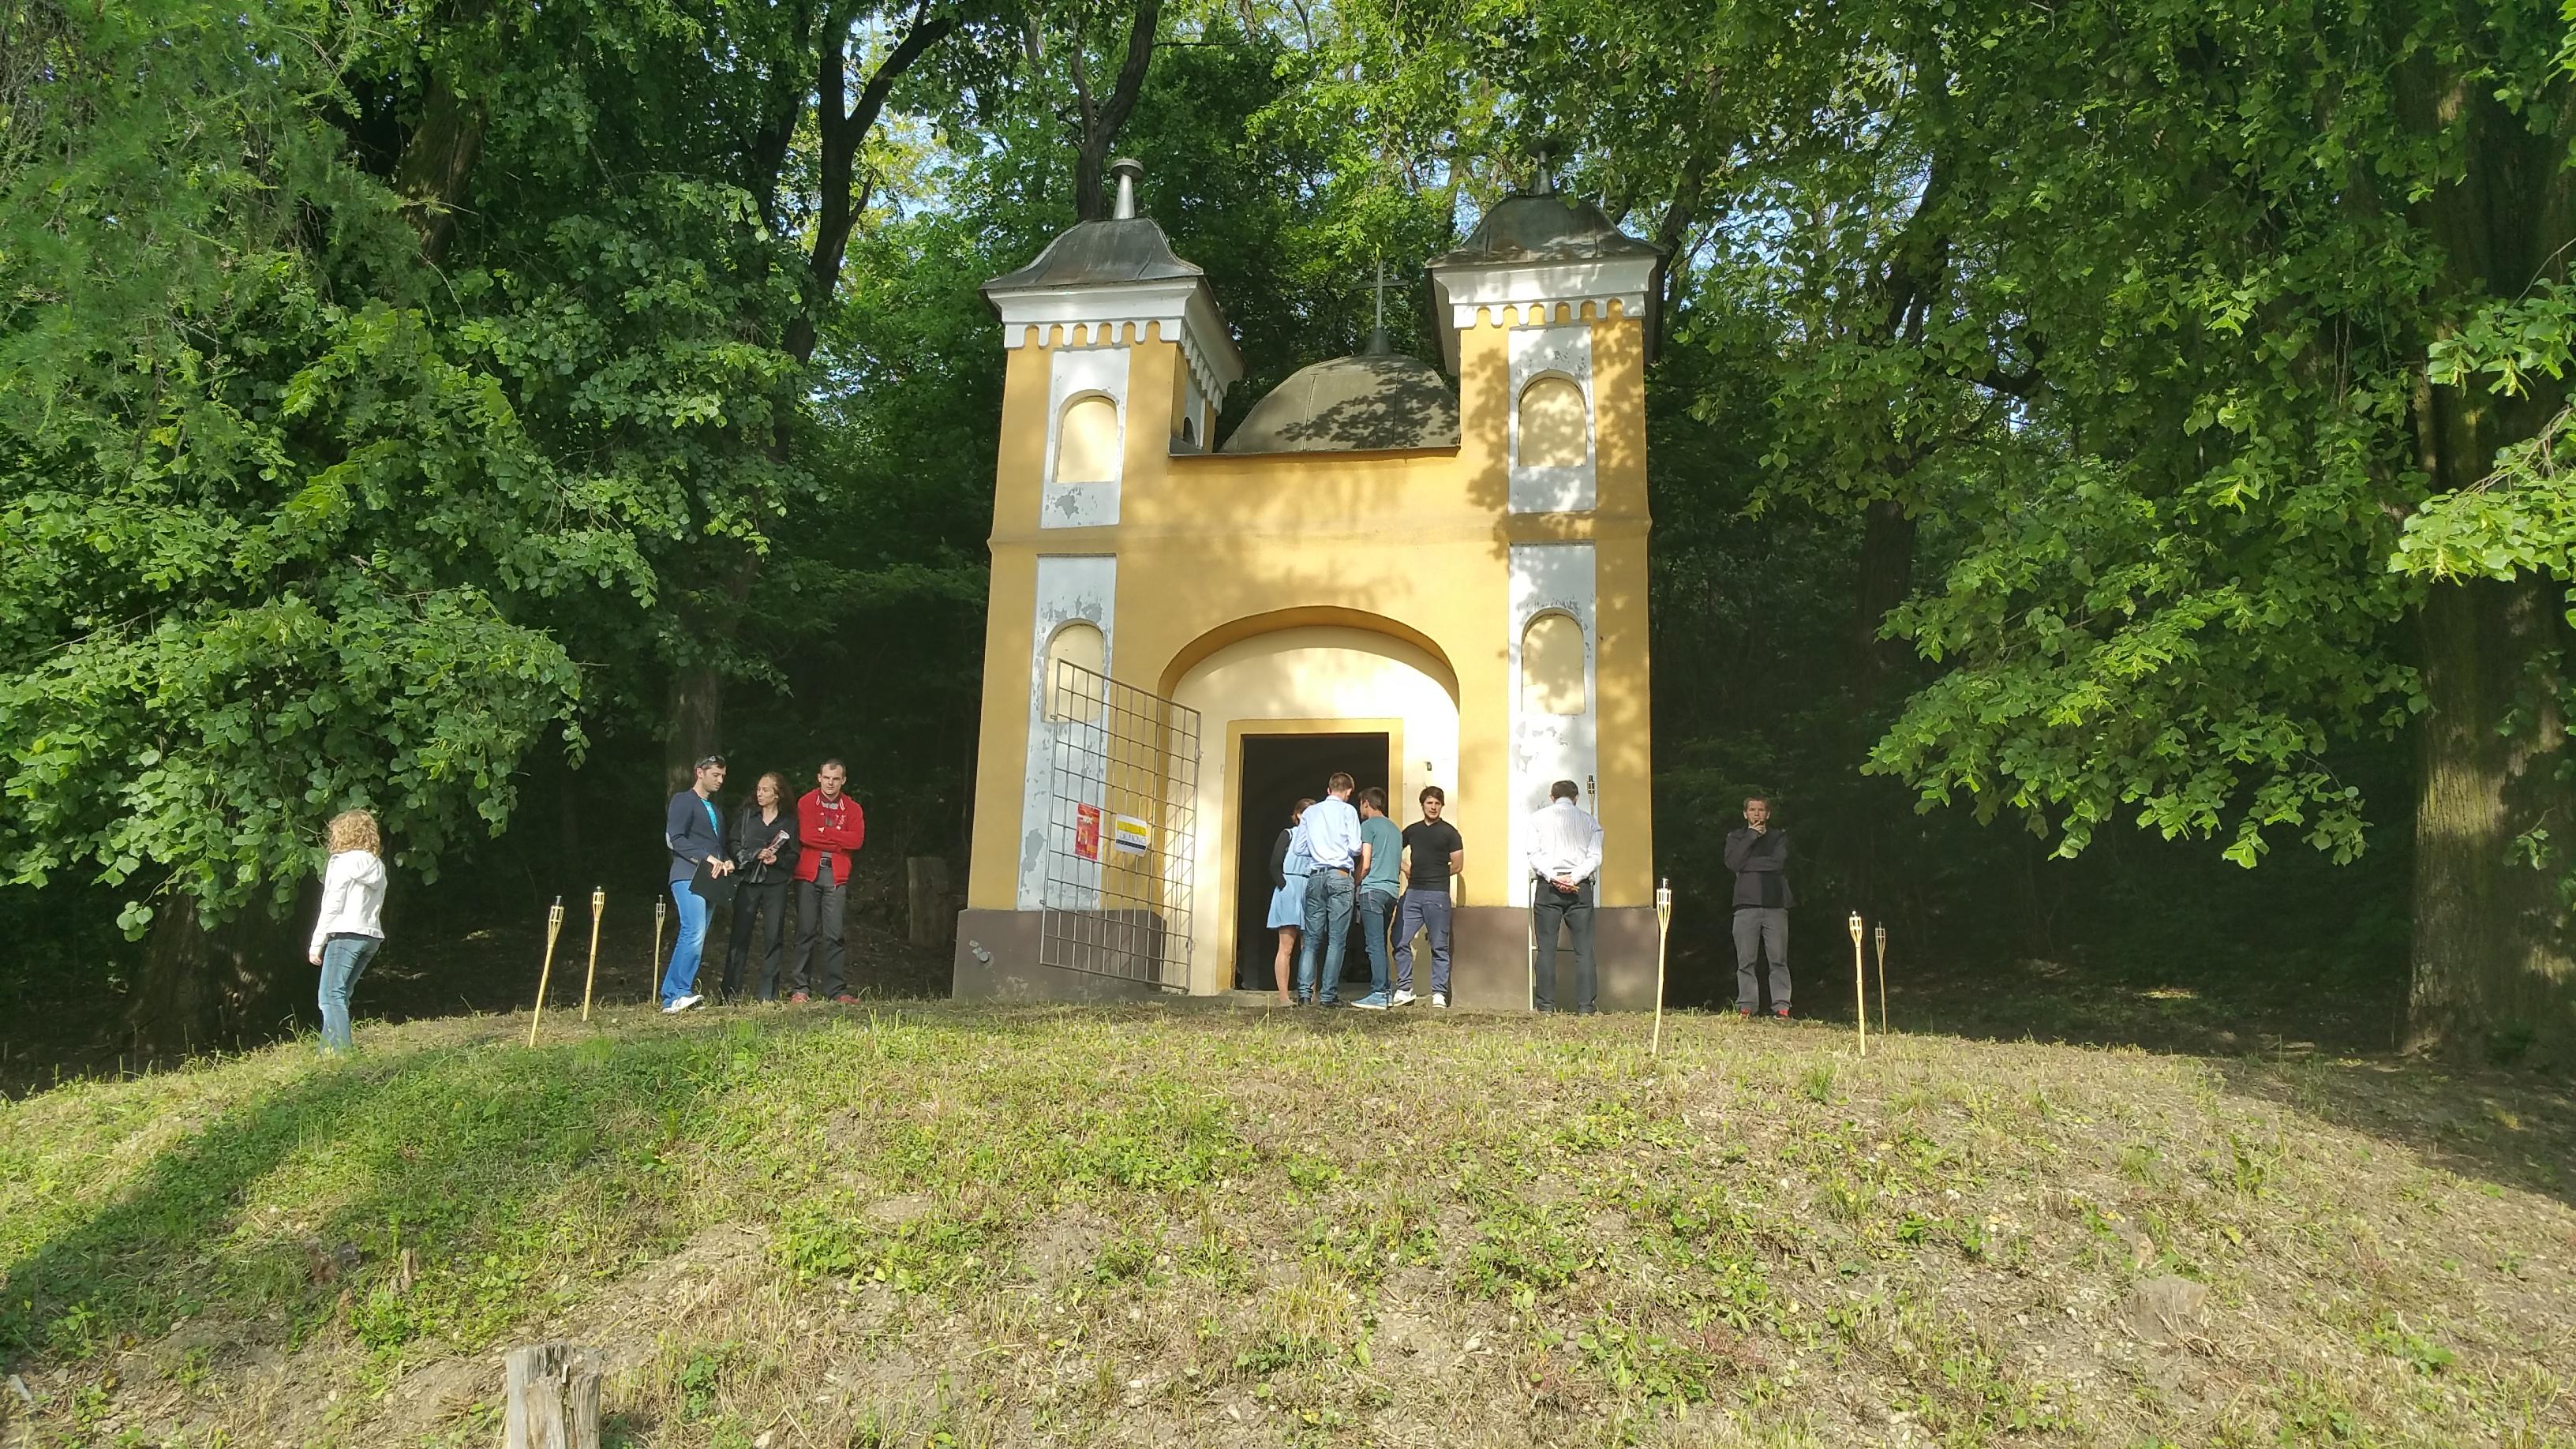 Sprístupnenie Kaplnky Nanebovzatia Panny Márie verejnosti pri železničnej stanici po viac ako 60 rokoch (29. 5. 2015)